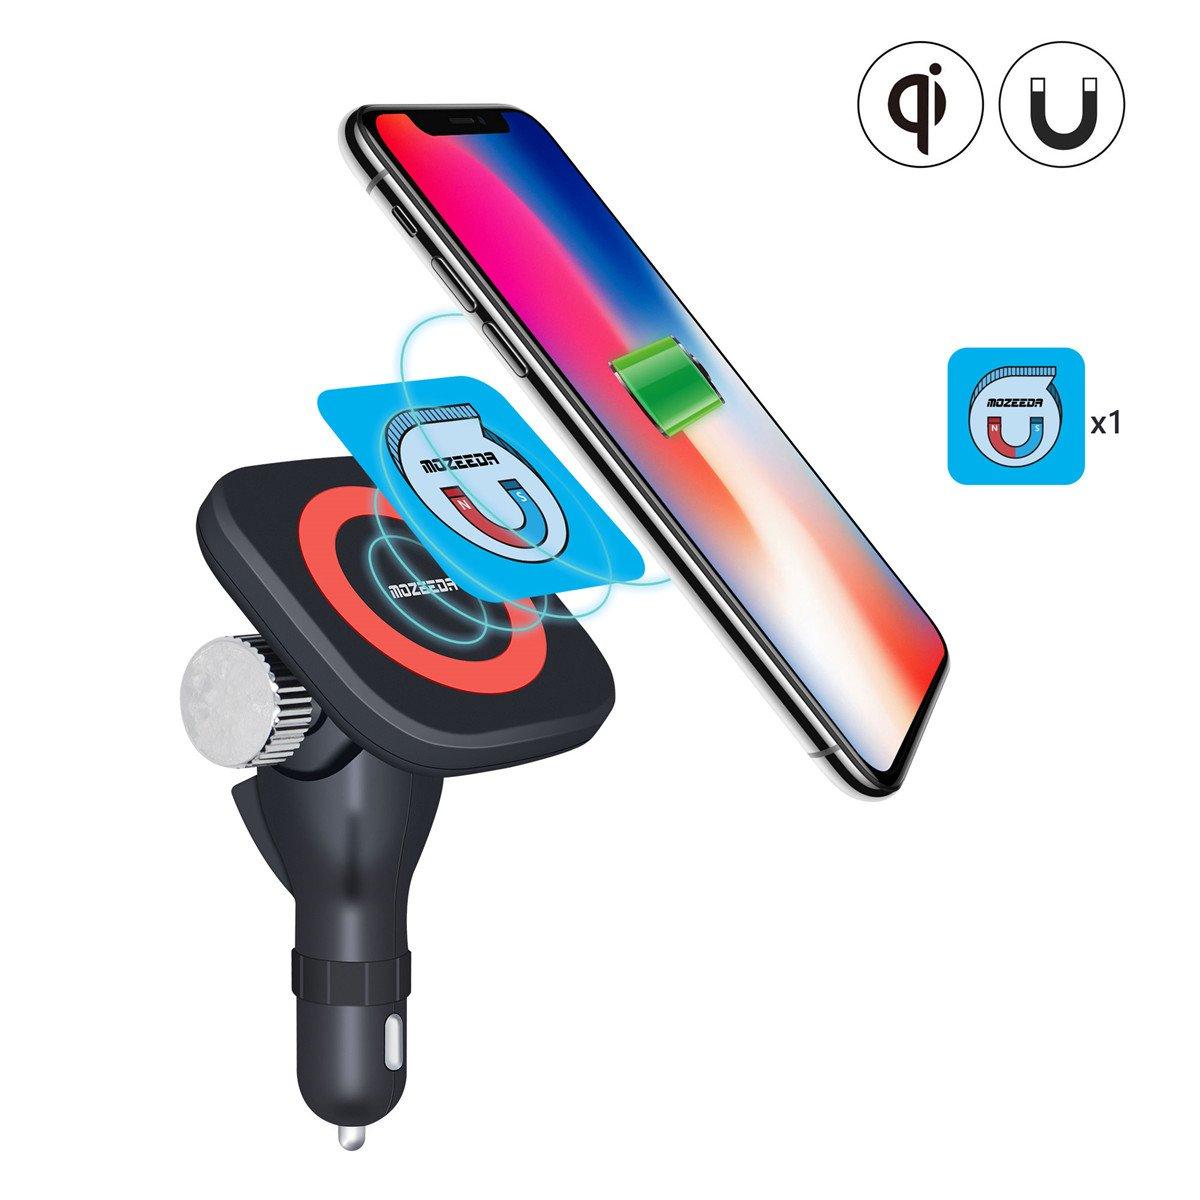 ワイヤレス車充電器磁気、mozeeda 180 ° Removalシガレットライター車ワイヤレス充電ステーションfor iPhone X、iPhone 8プラス、iPhone、8、SAMSUNG NOTE 8 s8 +、s7 Edge、LG g6 ブラック WC-MO005-CL B0774XDR5L  Magnetic Charger+Smart Magnet